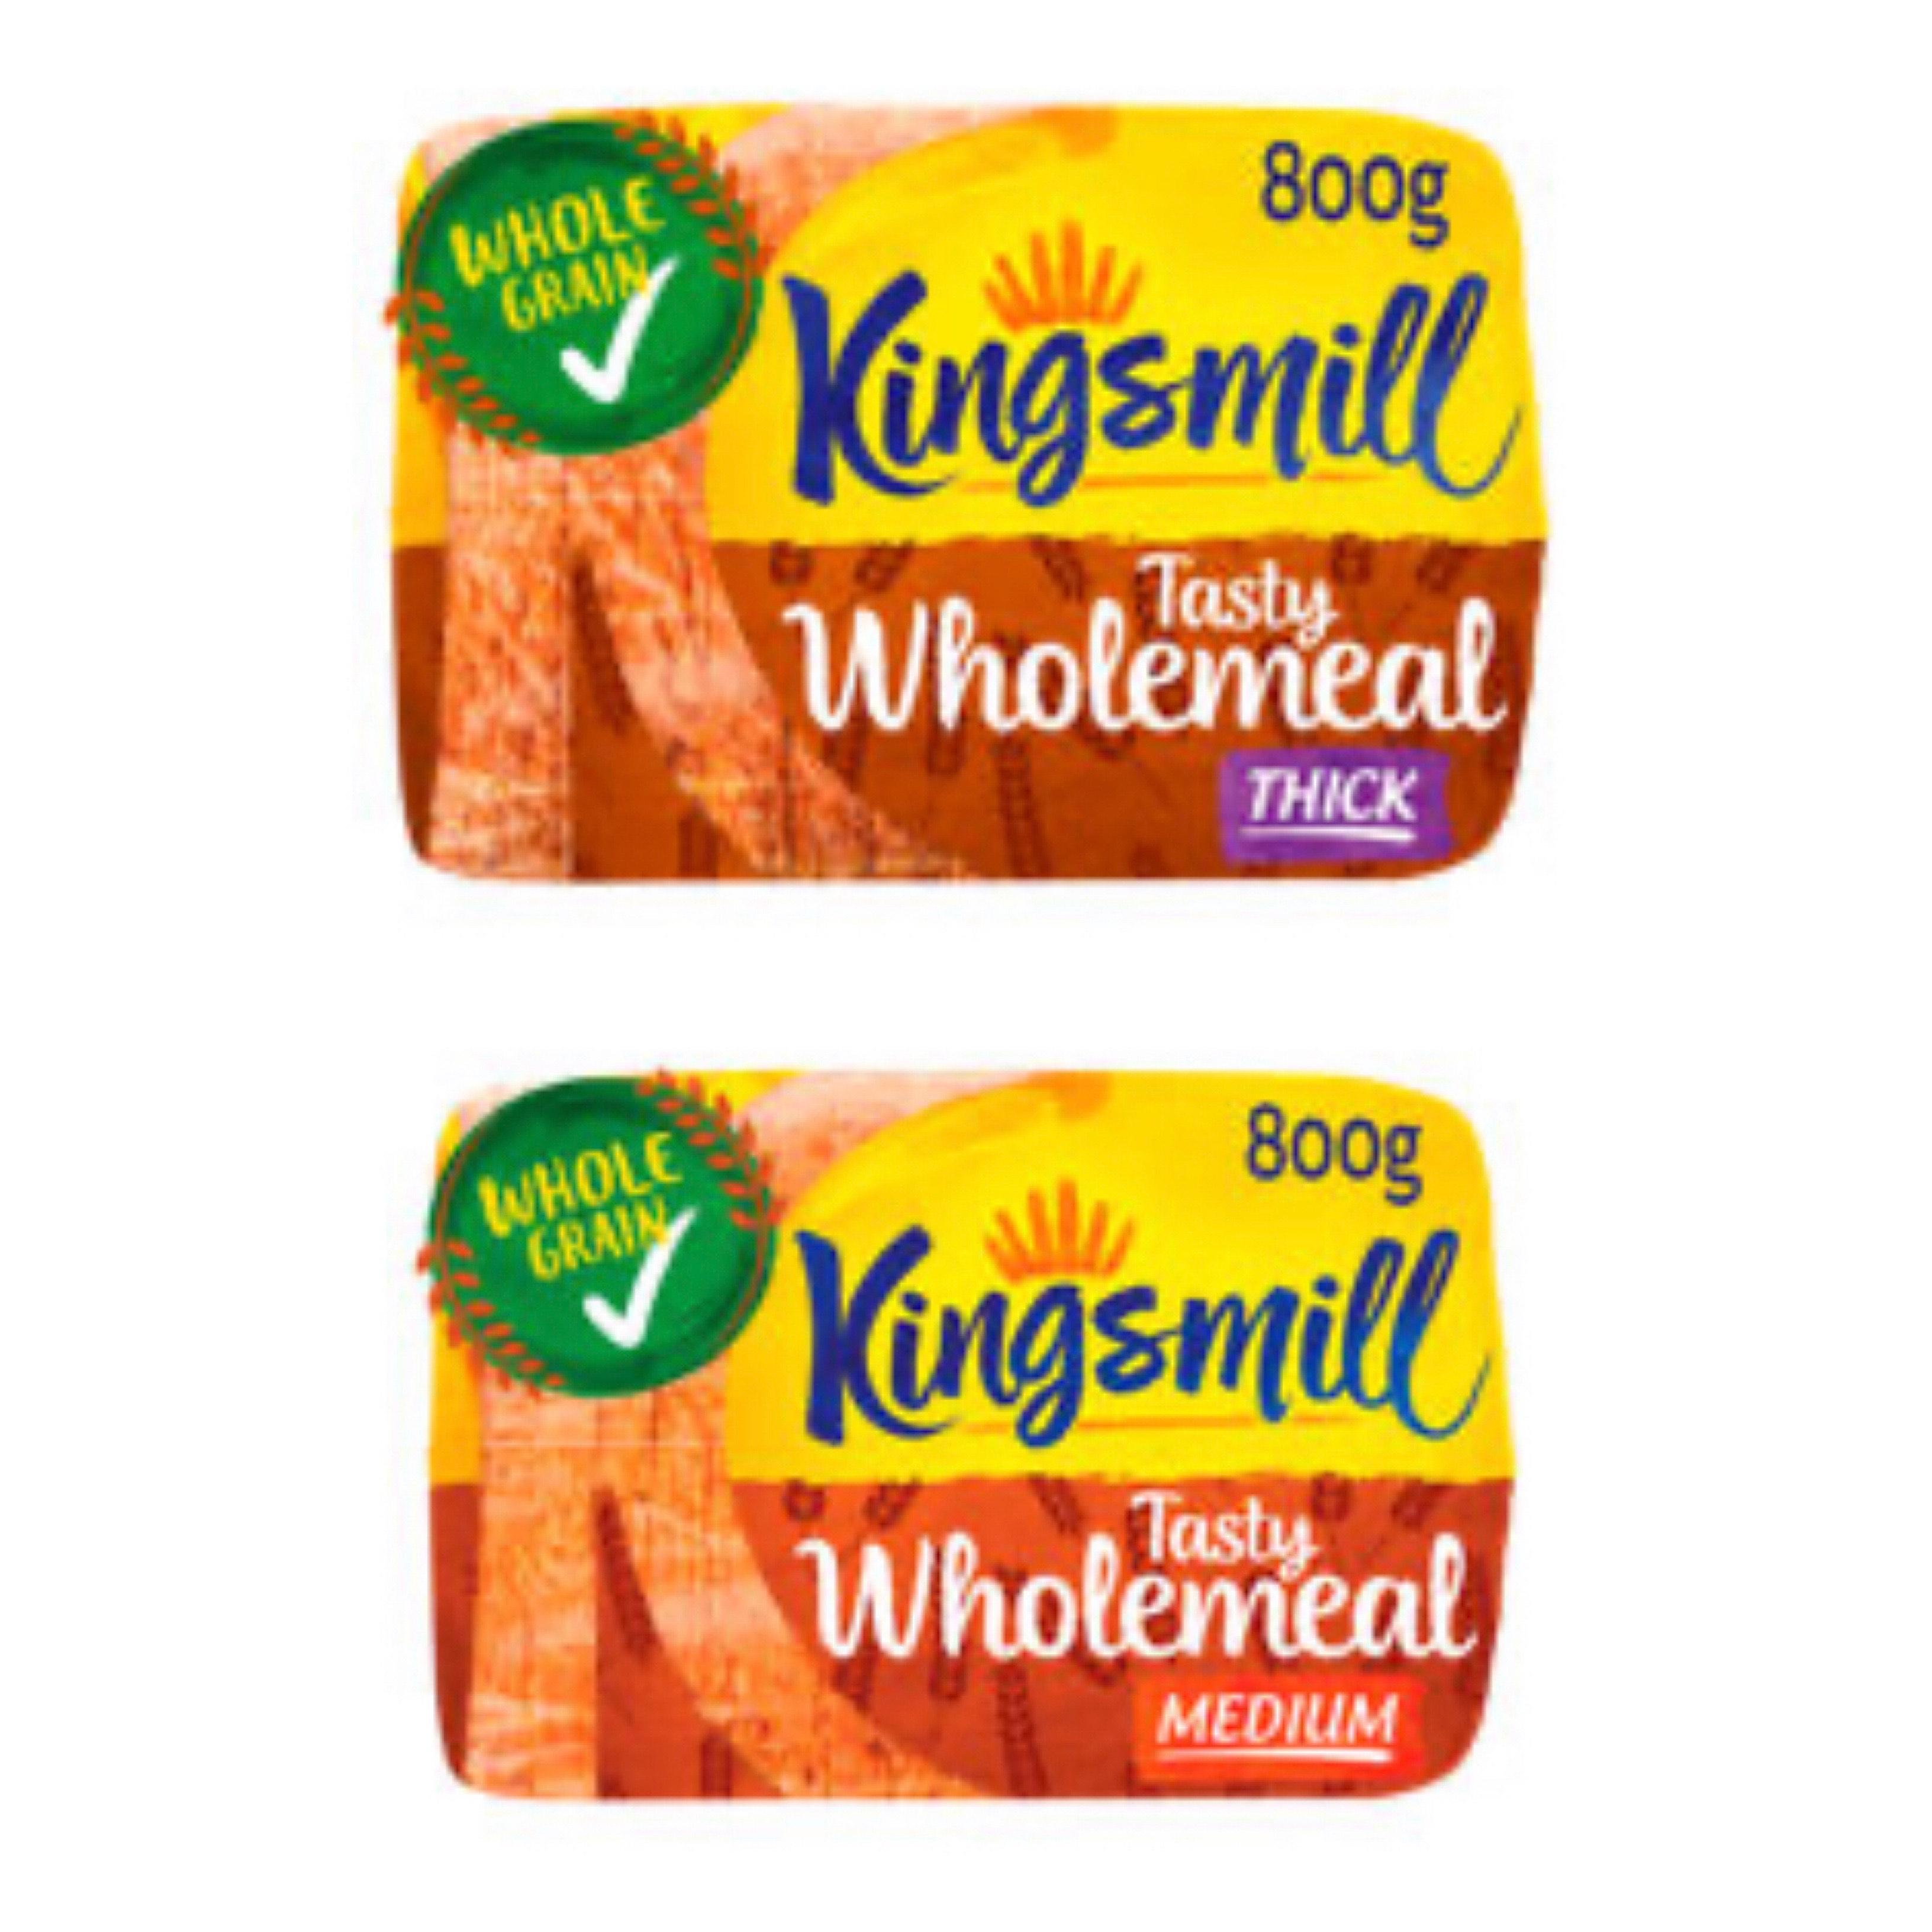 Kingsmill Thick /Medium Wholemeal Bread 800g, 79p Rollback at Asda